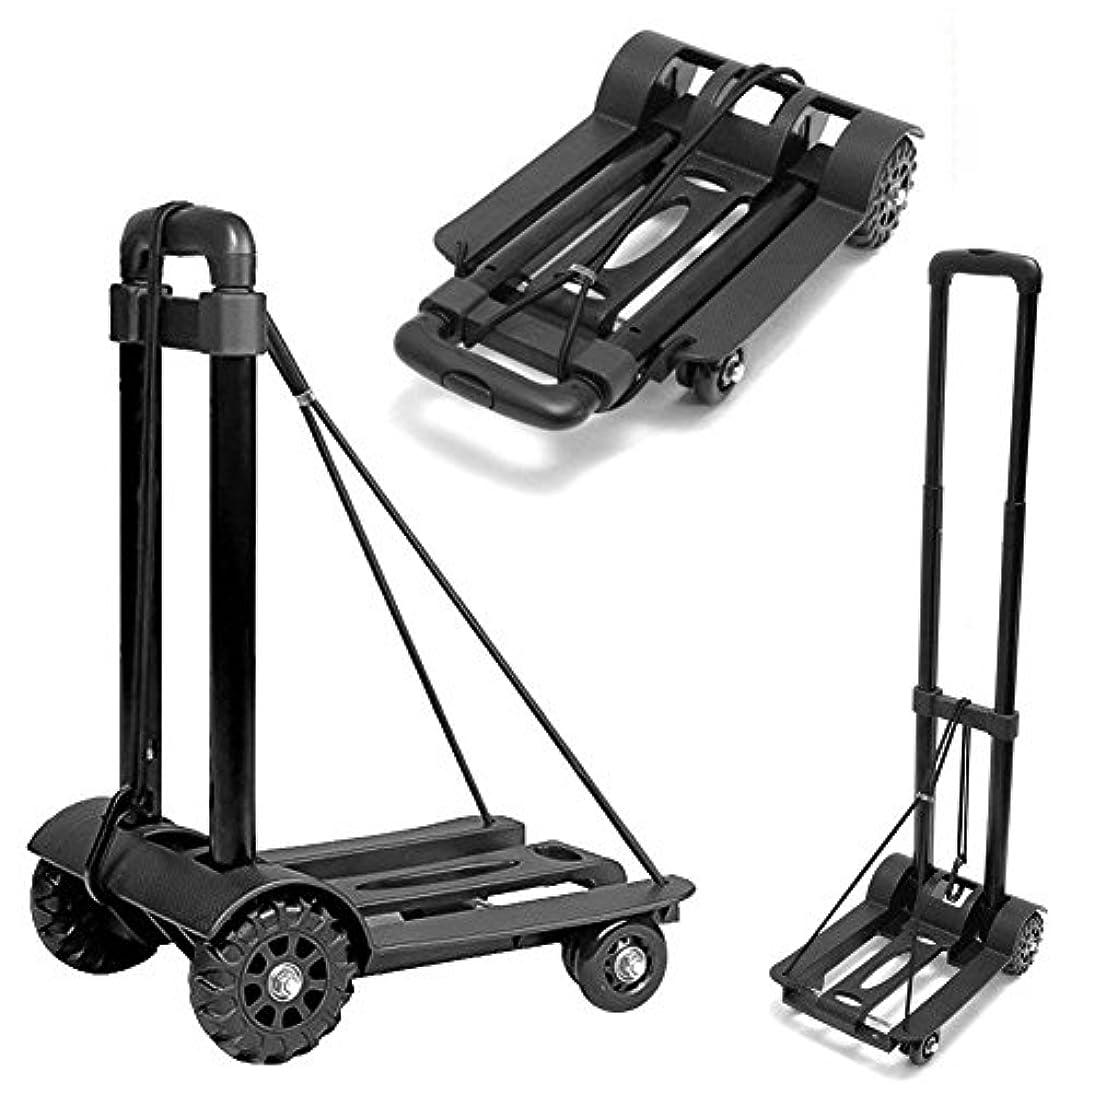 定刻突き刺す軸clara lapis コンパクト キャリーカート 折りたたみ式 ハンドキャリー 荷重量55キロ 軽量 簡易 静音 買い物 荷物運び